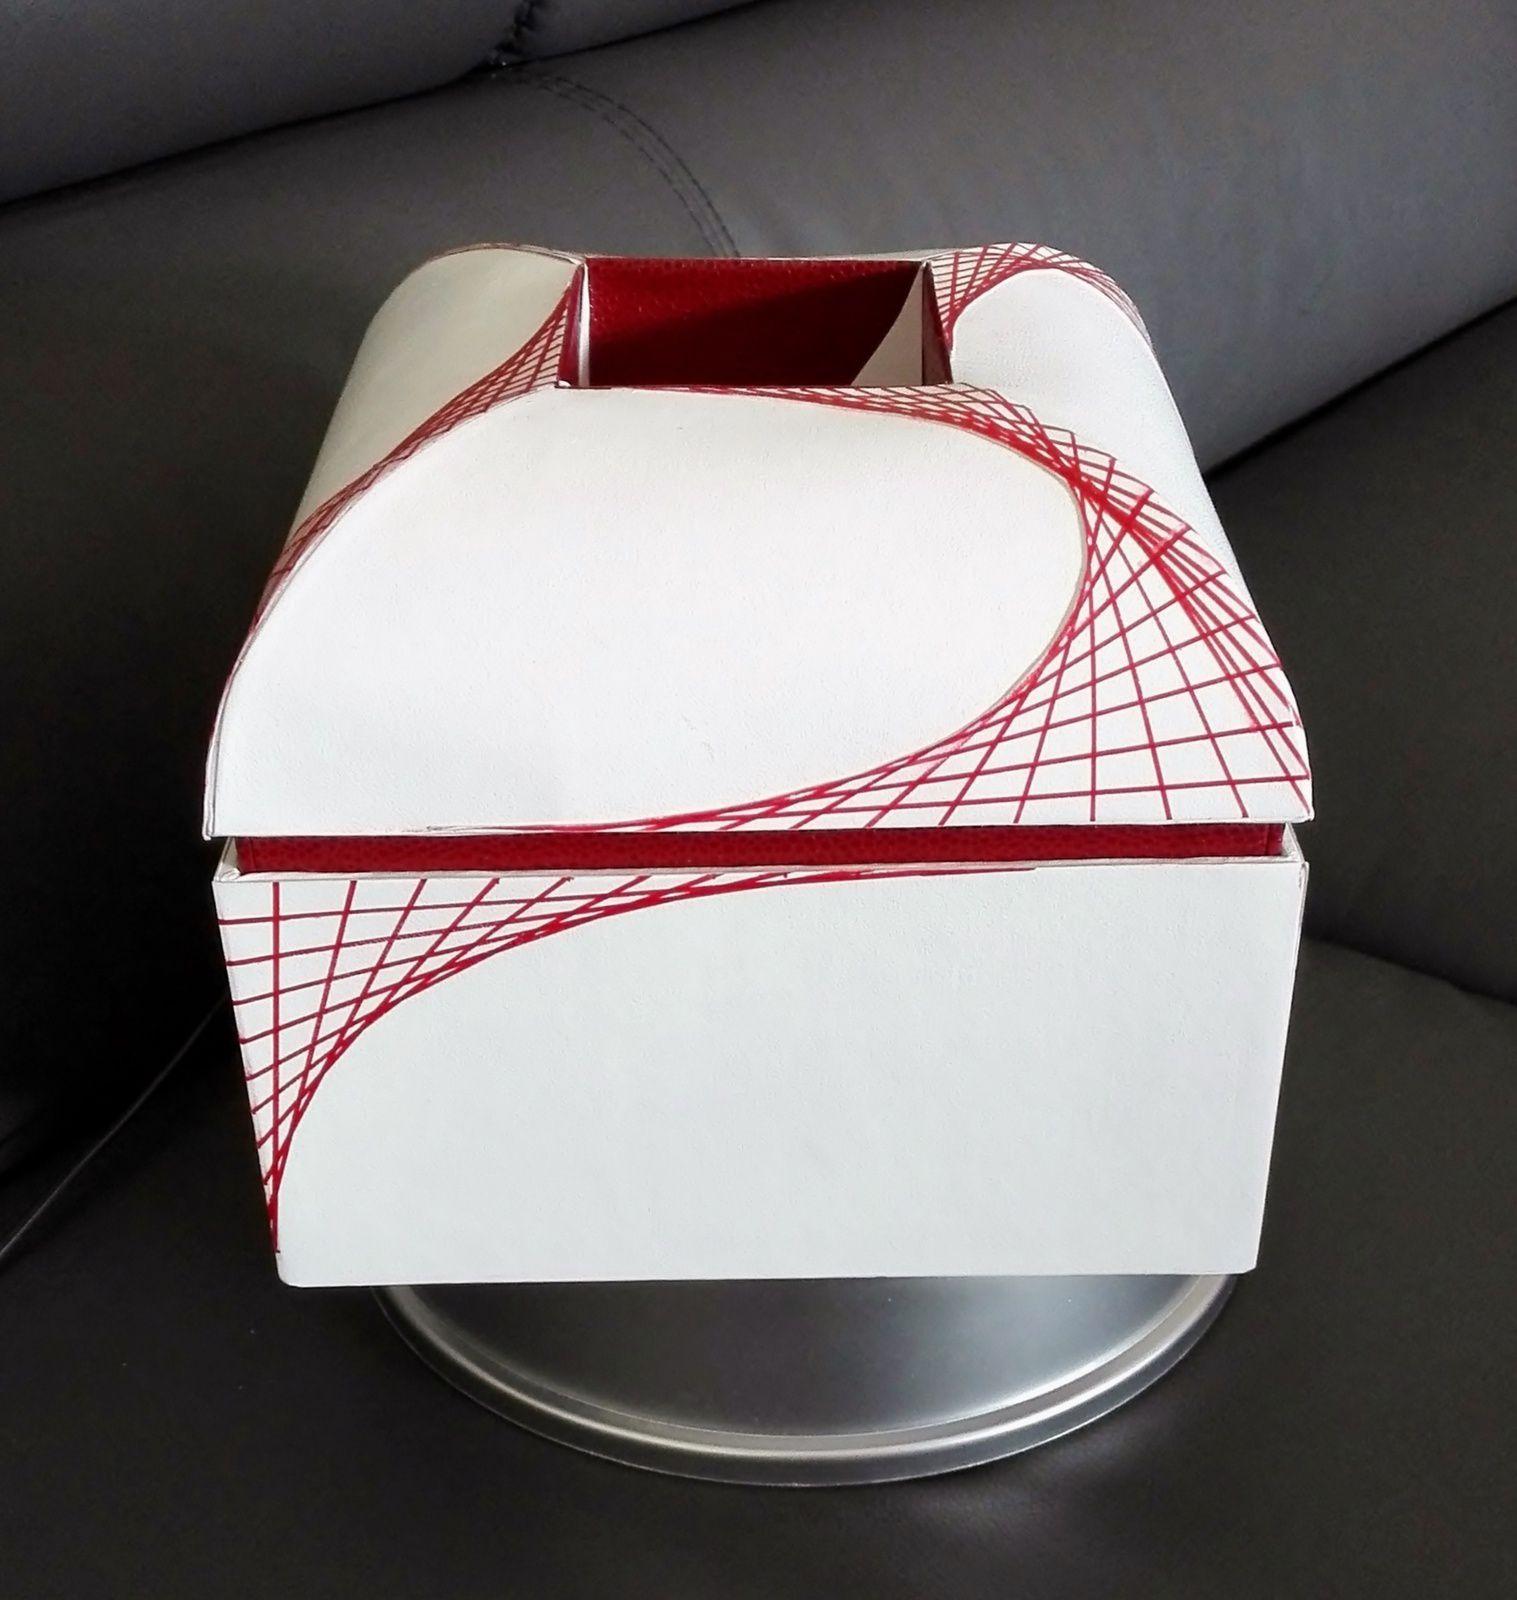 Après le kit...L'album photo de la boite mansard en forme de dôme.